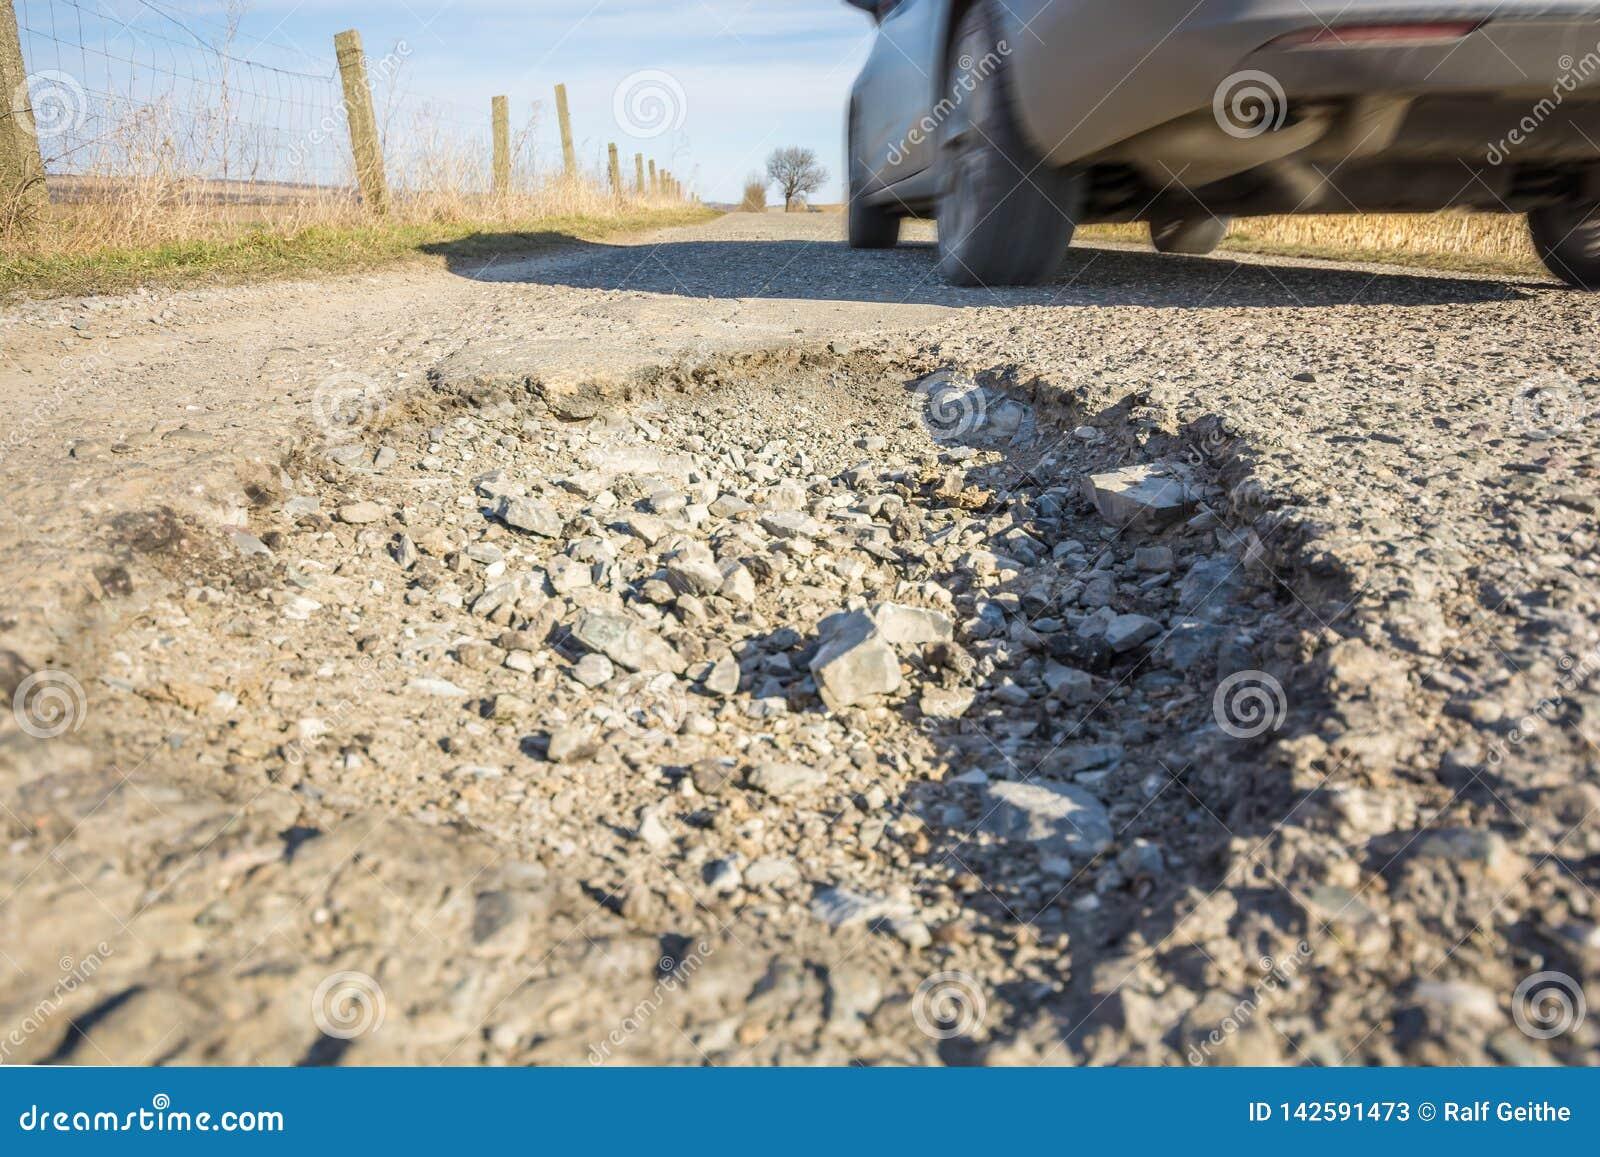 Furo perigoso na superfície do asfalto de uma estrada com passagem do carro